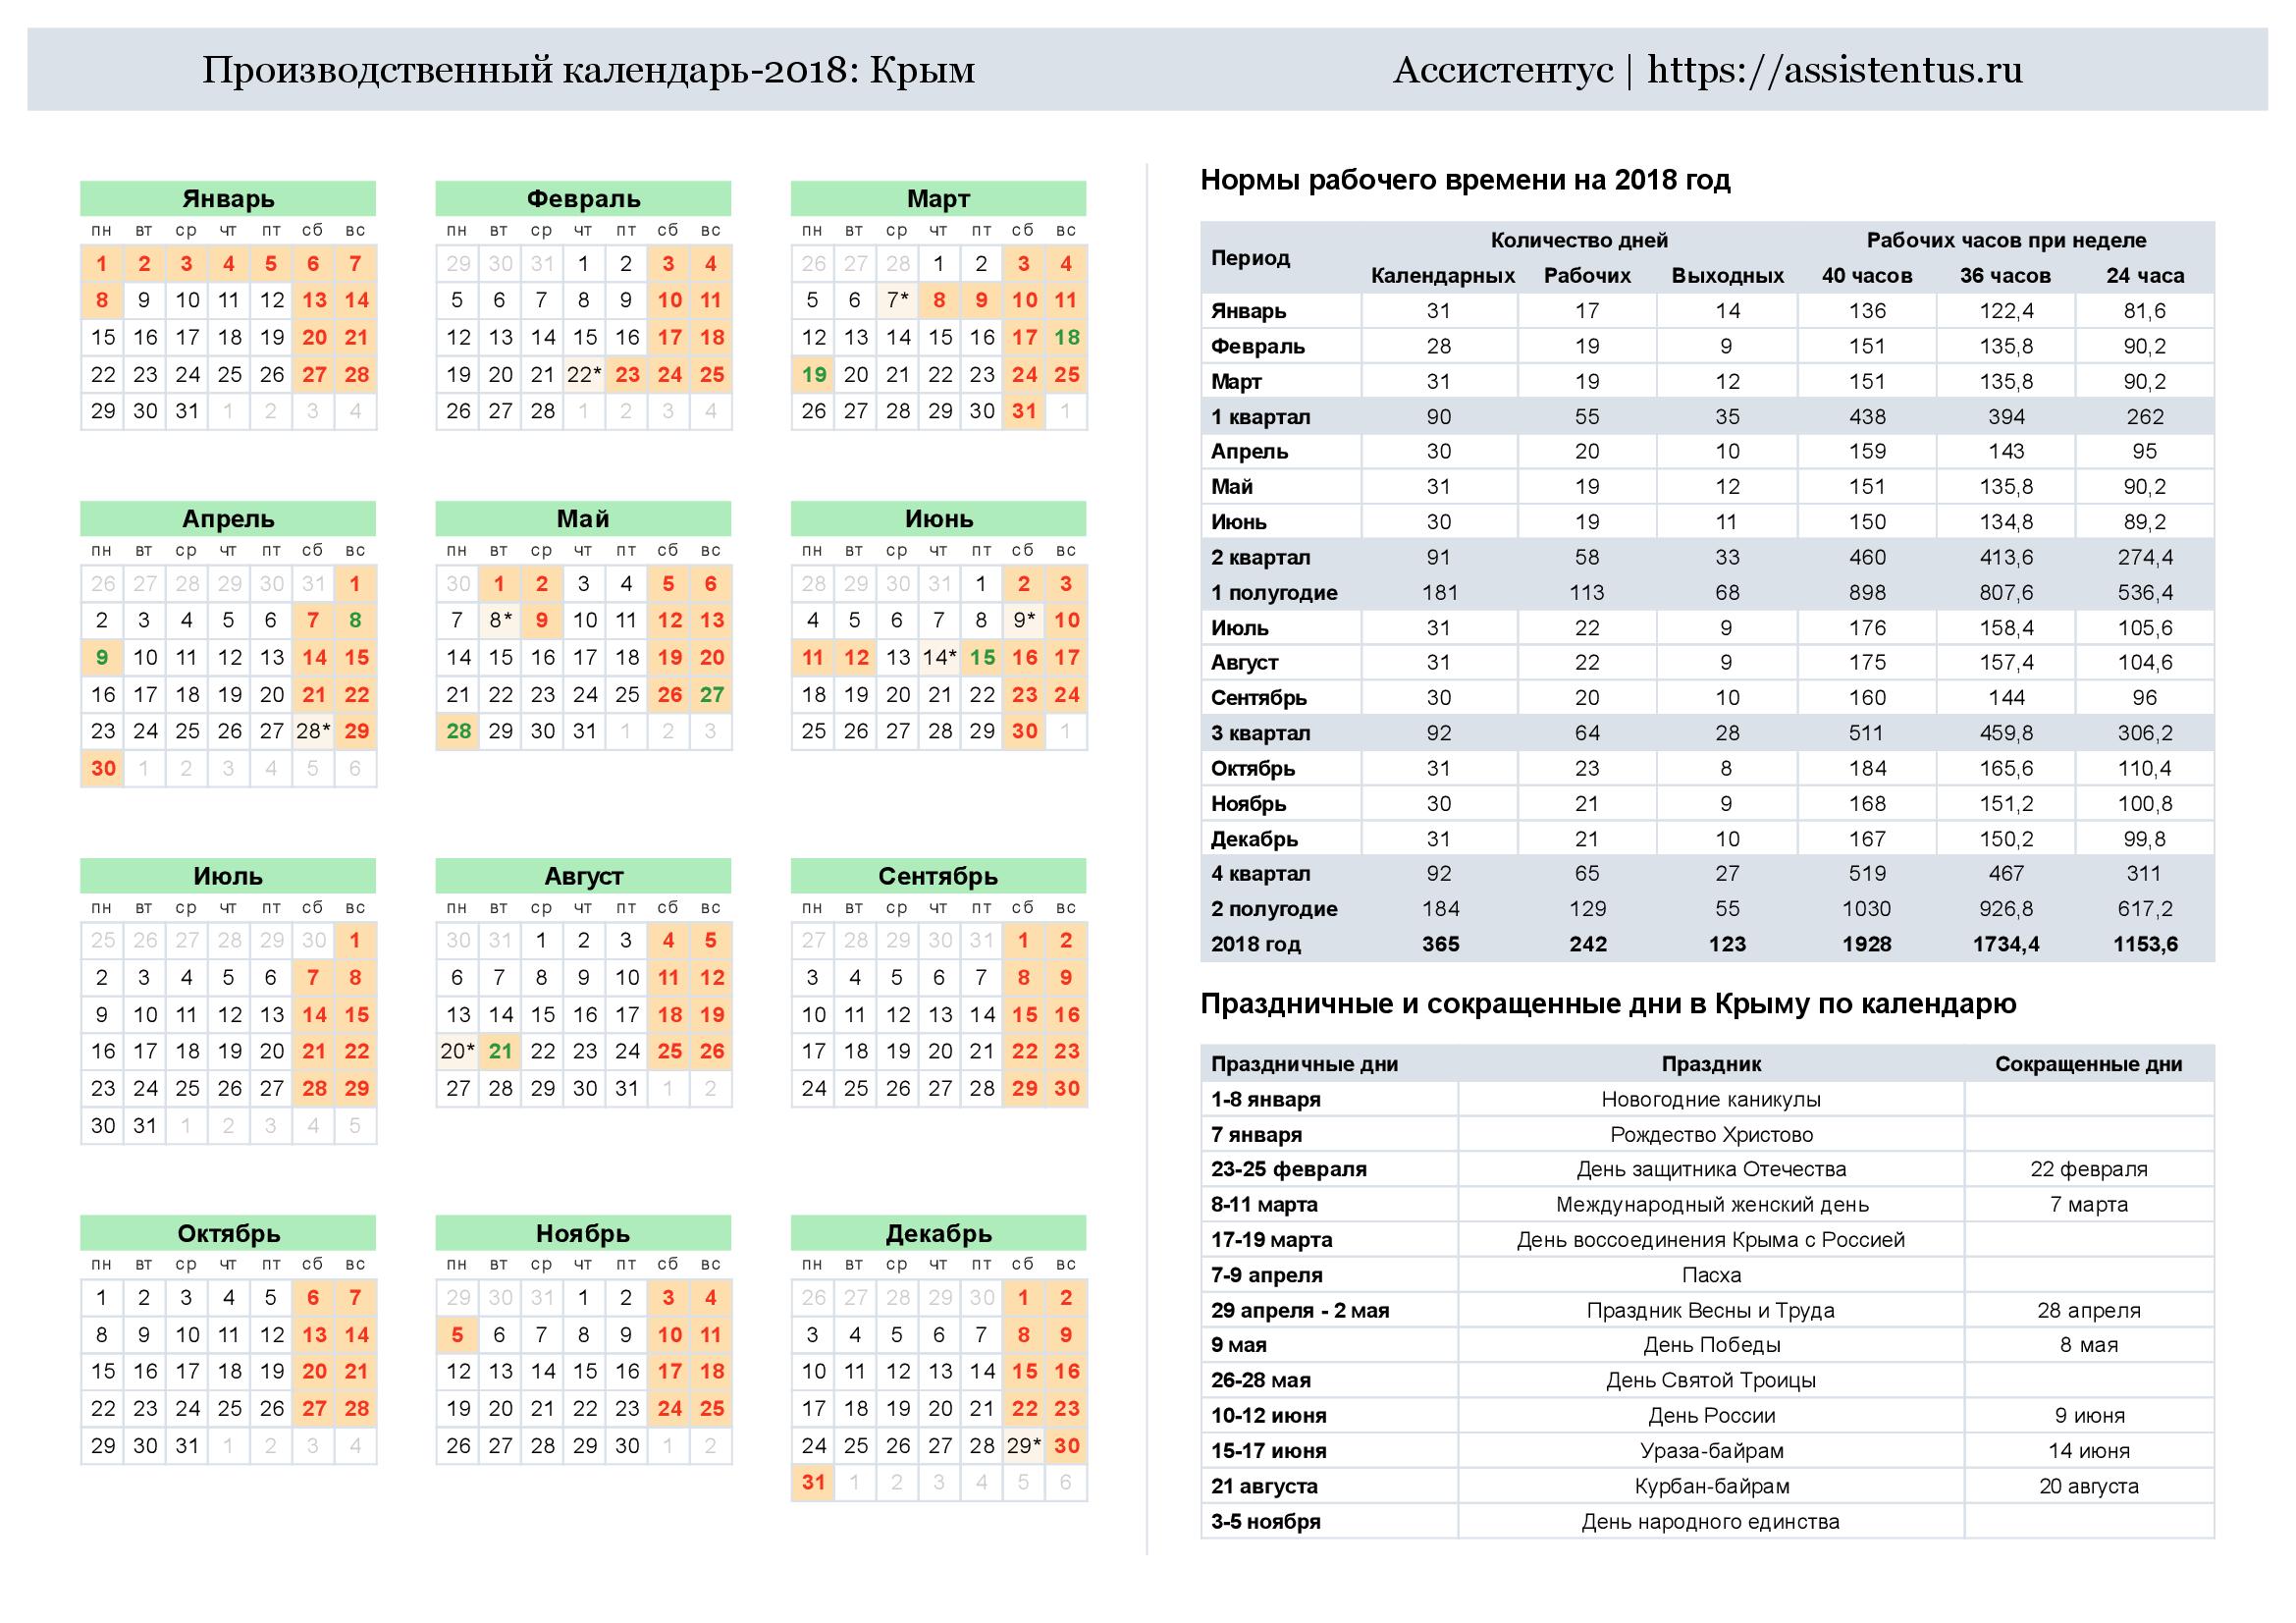 Производственный календарь 2018, Крым